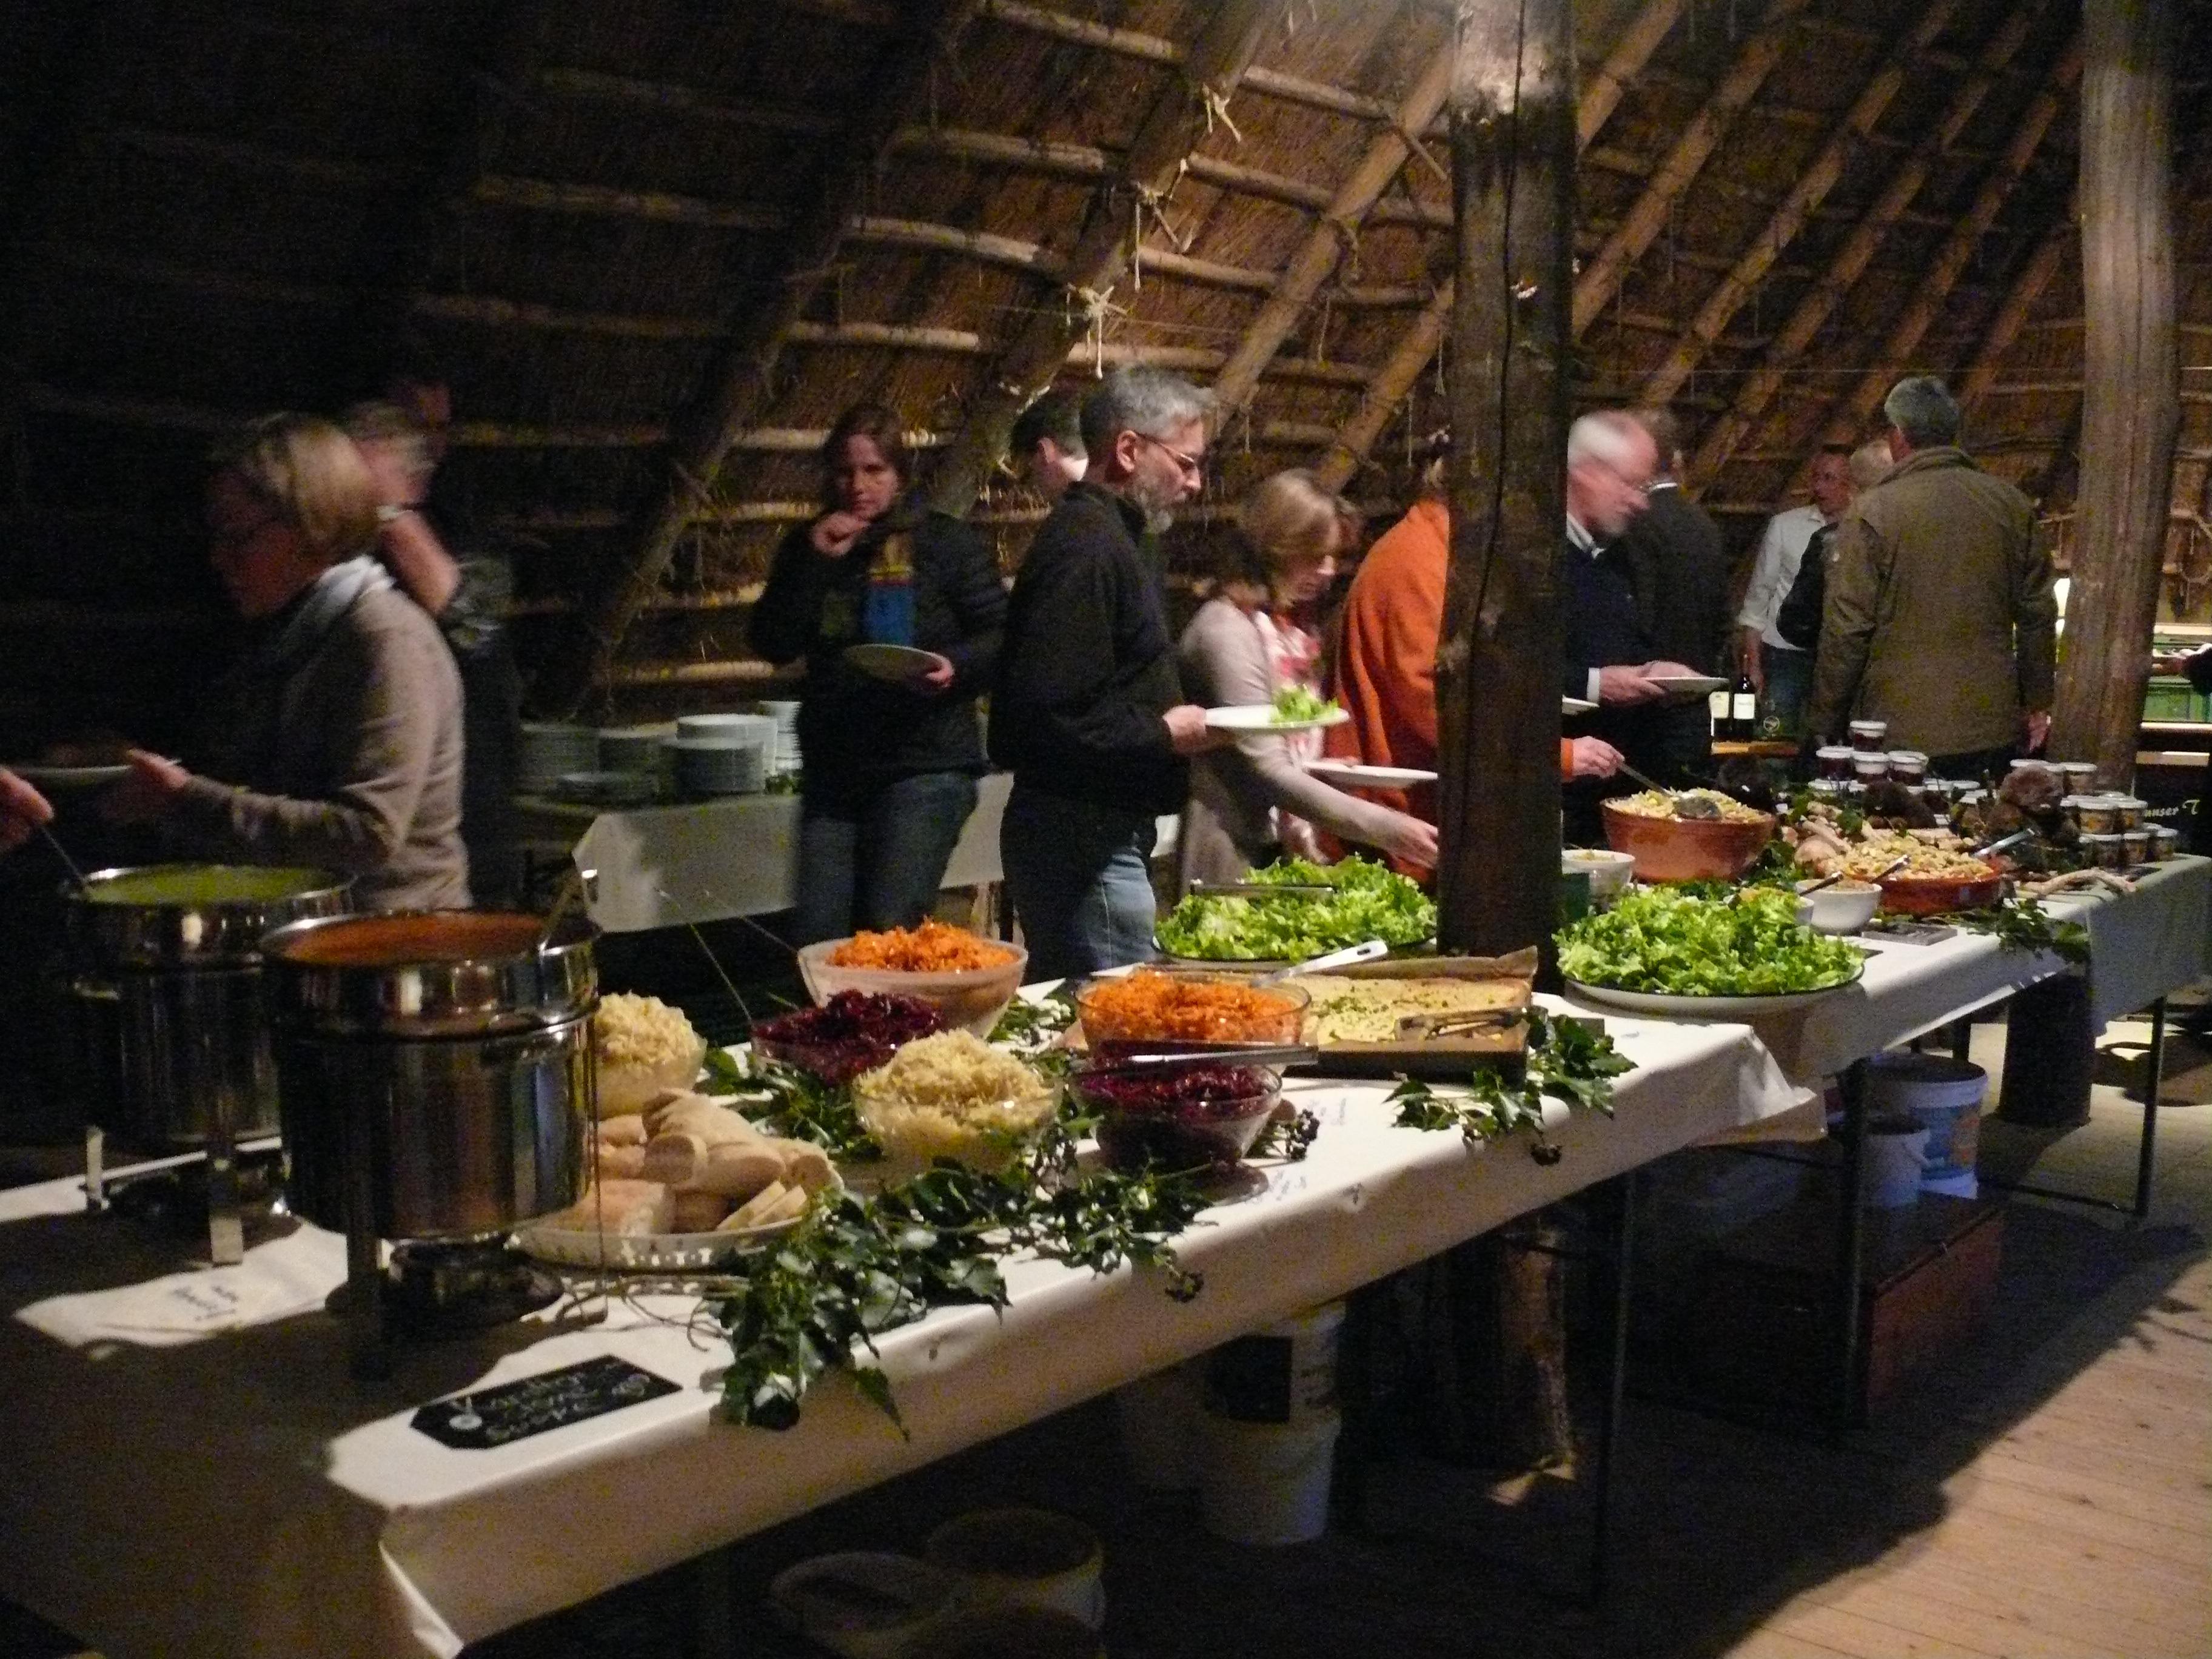 Die Deutschen Biosphärenreservate und der neue niedersächsische Umwelt-minister tagten in Hitzacker und waren bei Partnerbetrieben zu Gast